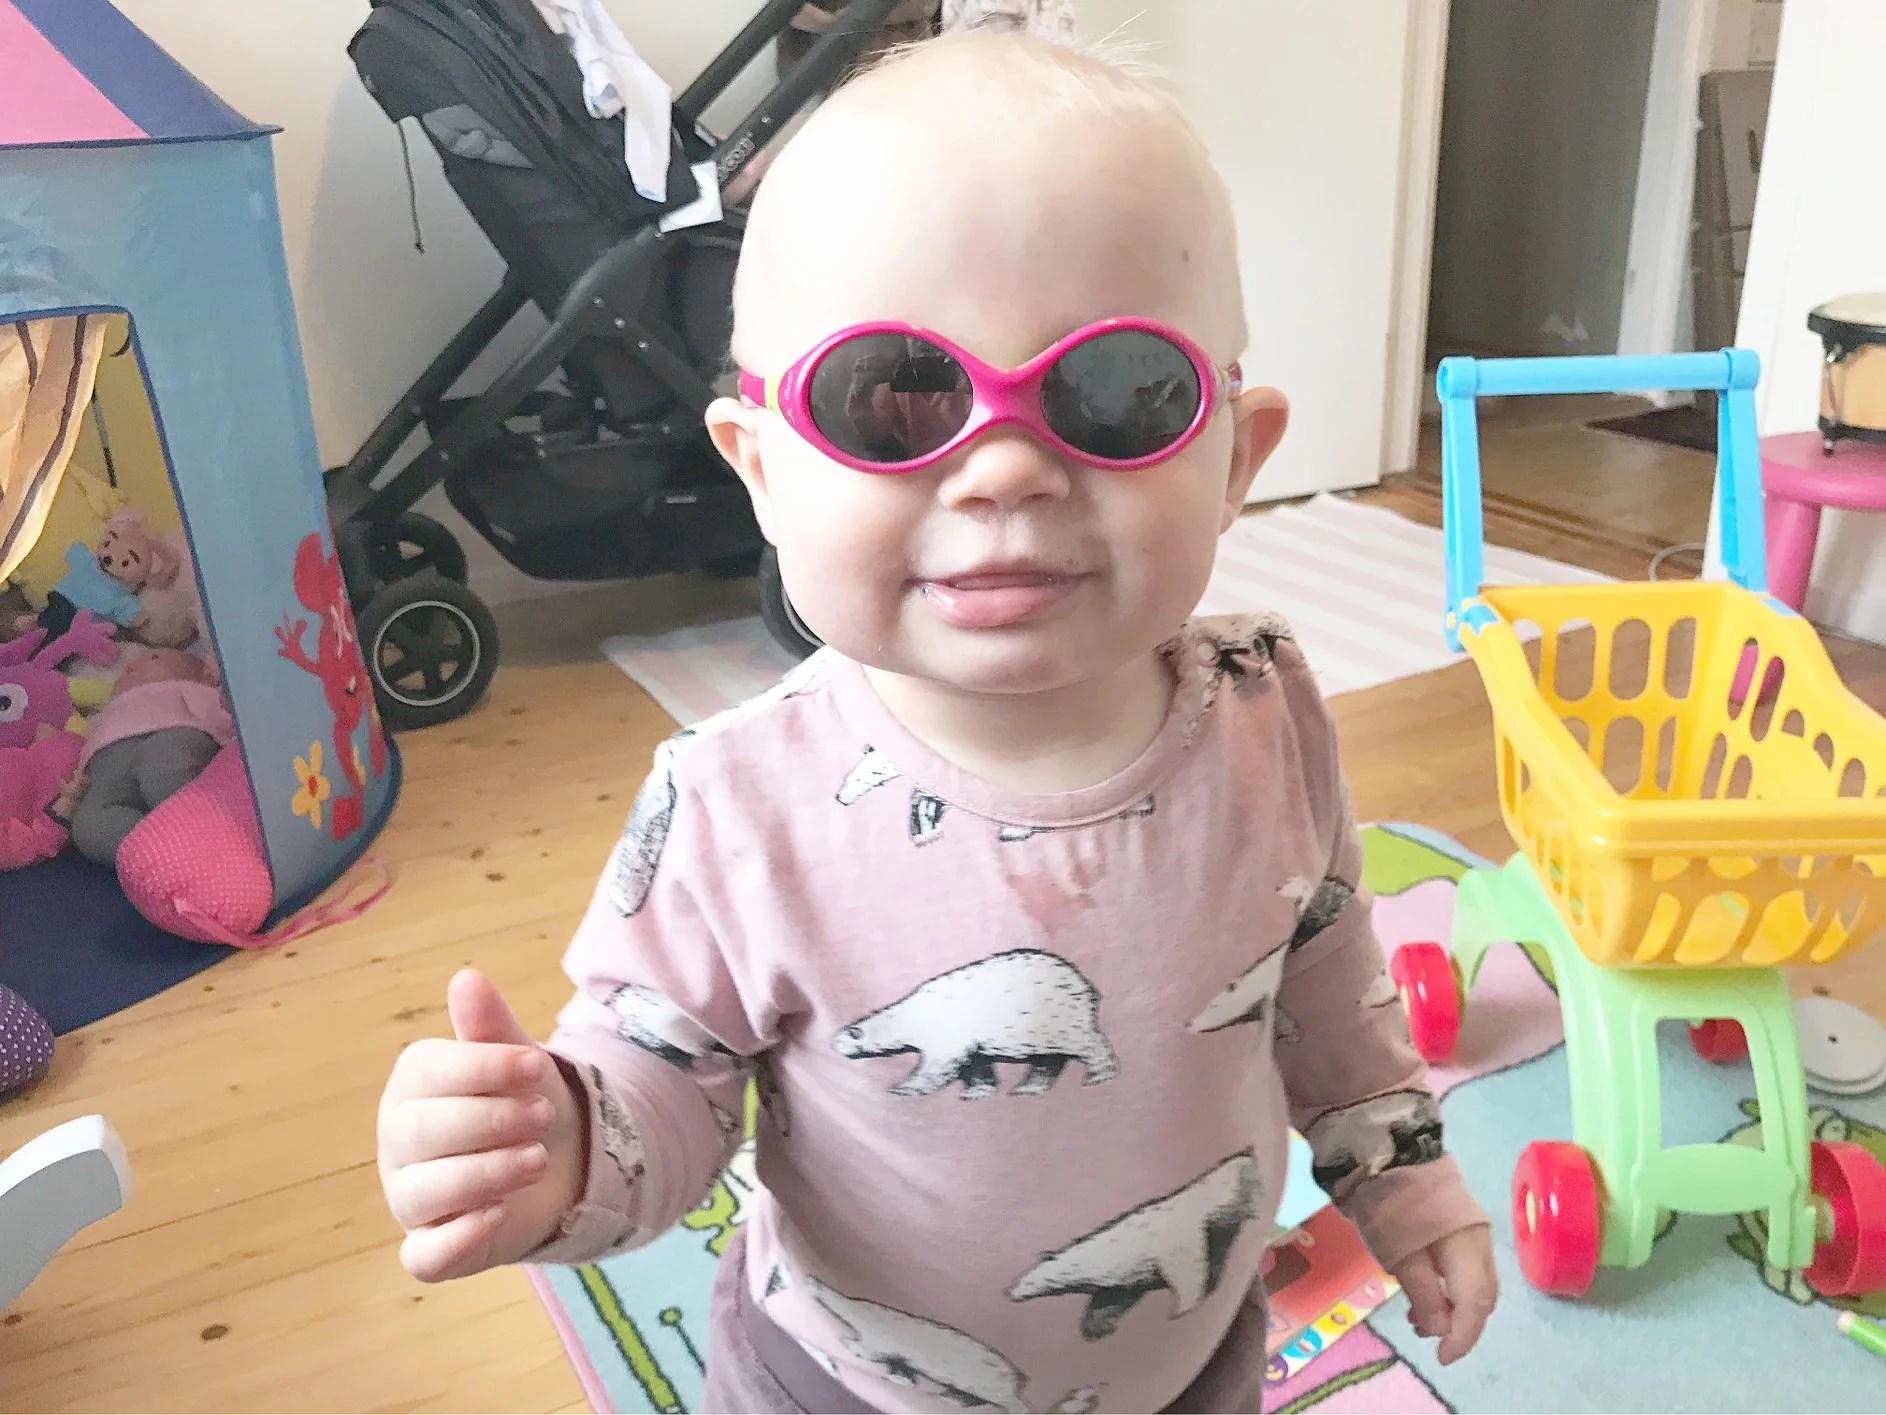 Ilskan hos ett barn